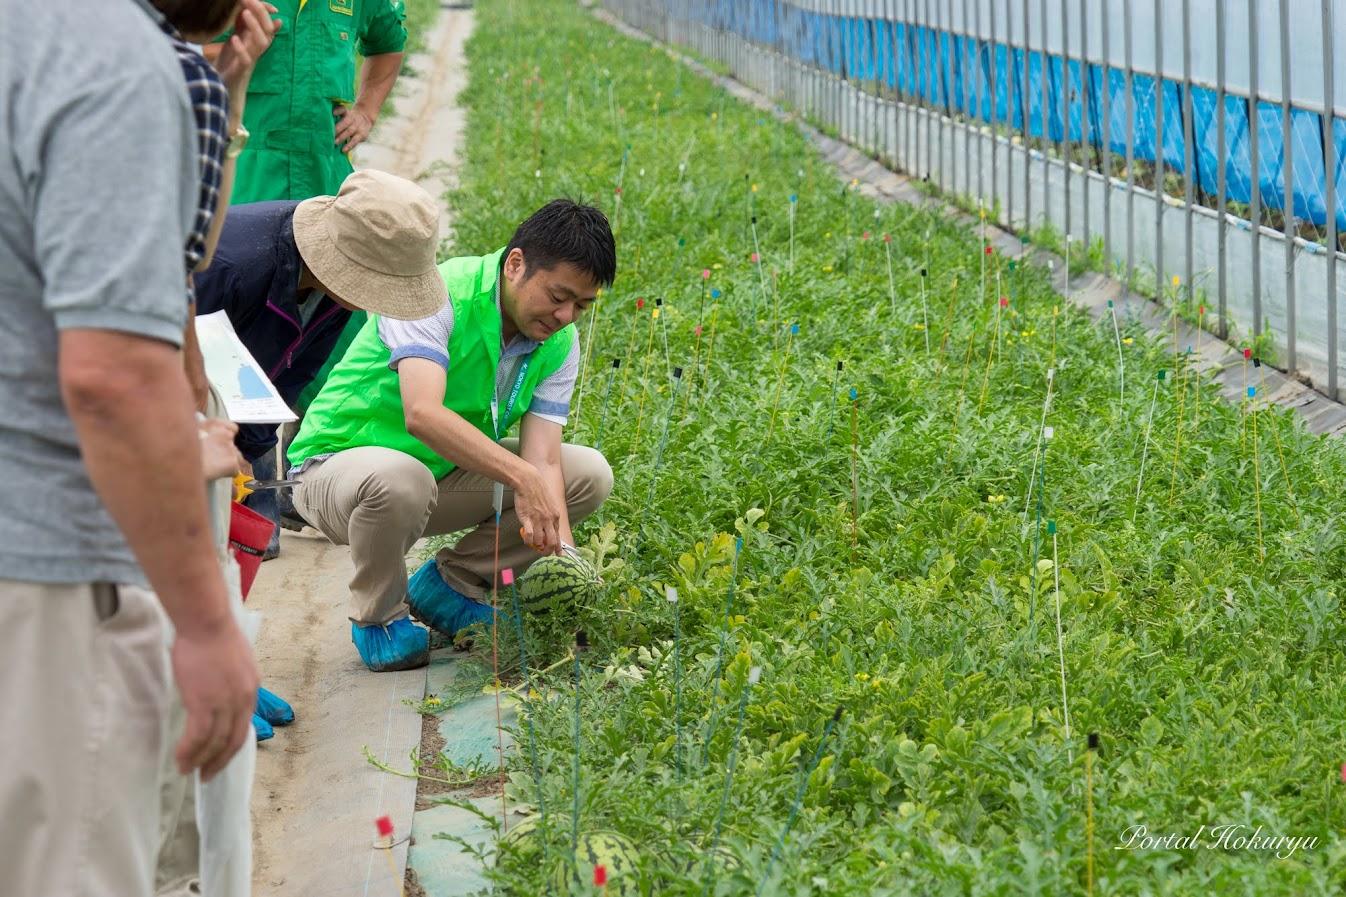 ひまわりスイカの収穫の実演